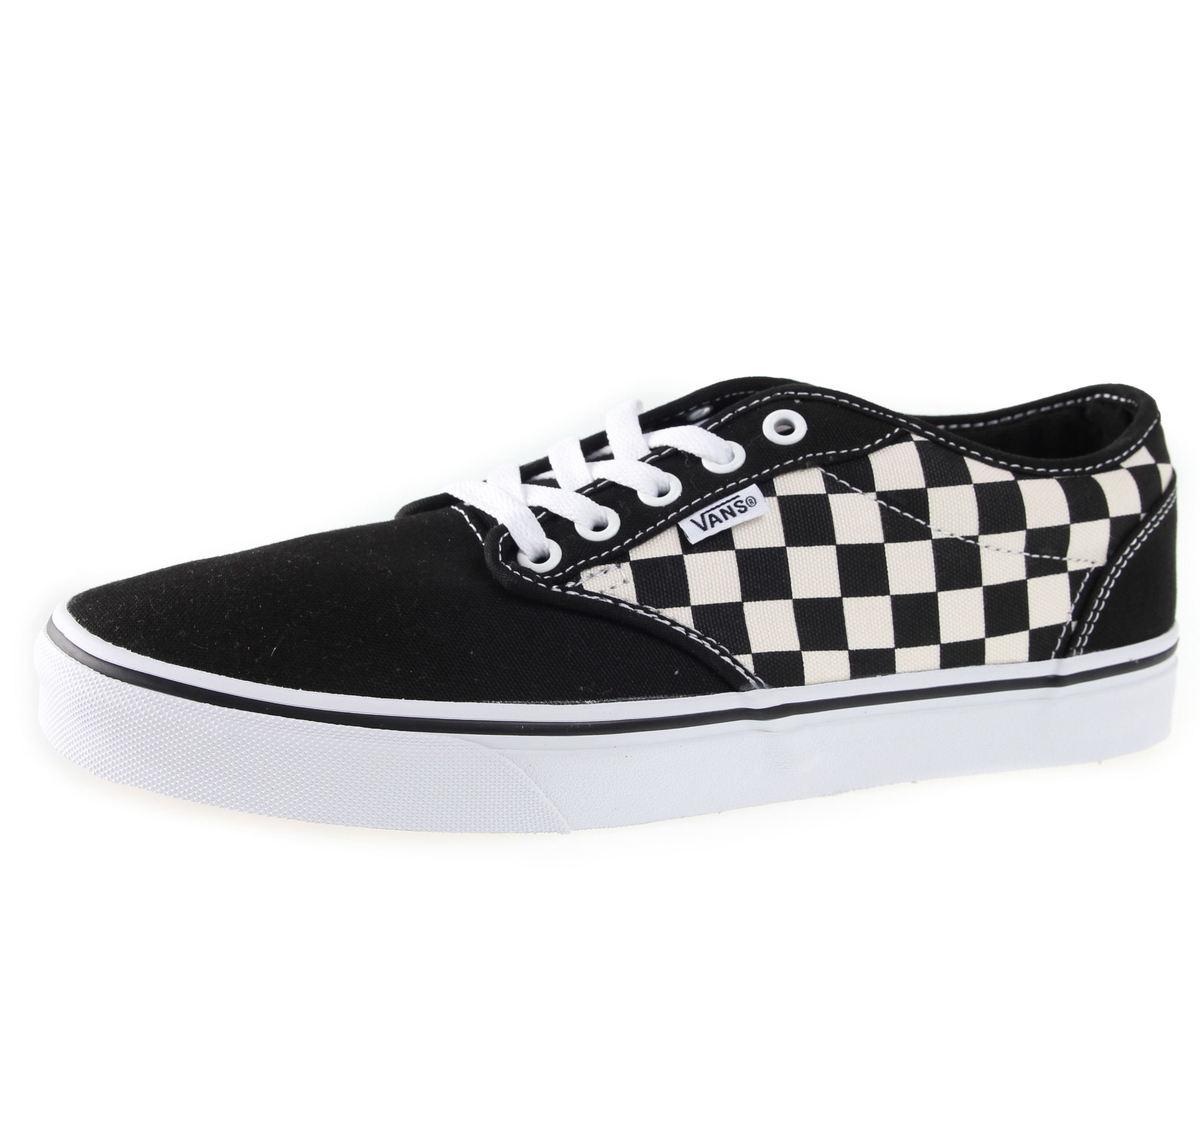 boty pánské VANS - Atwood (Checkers) - Black - V15GIPD